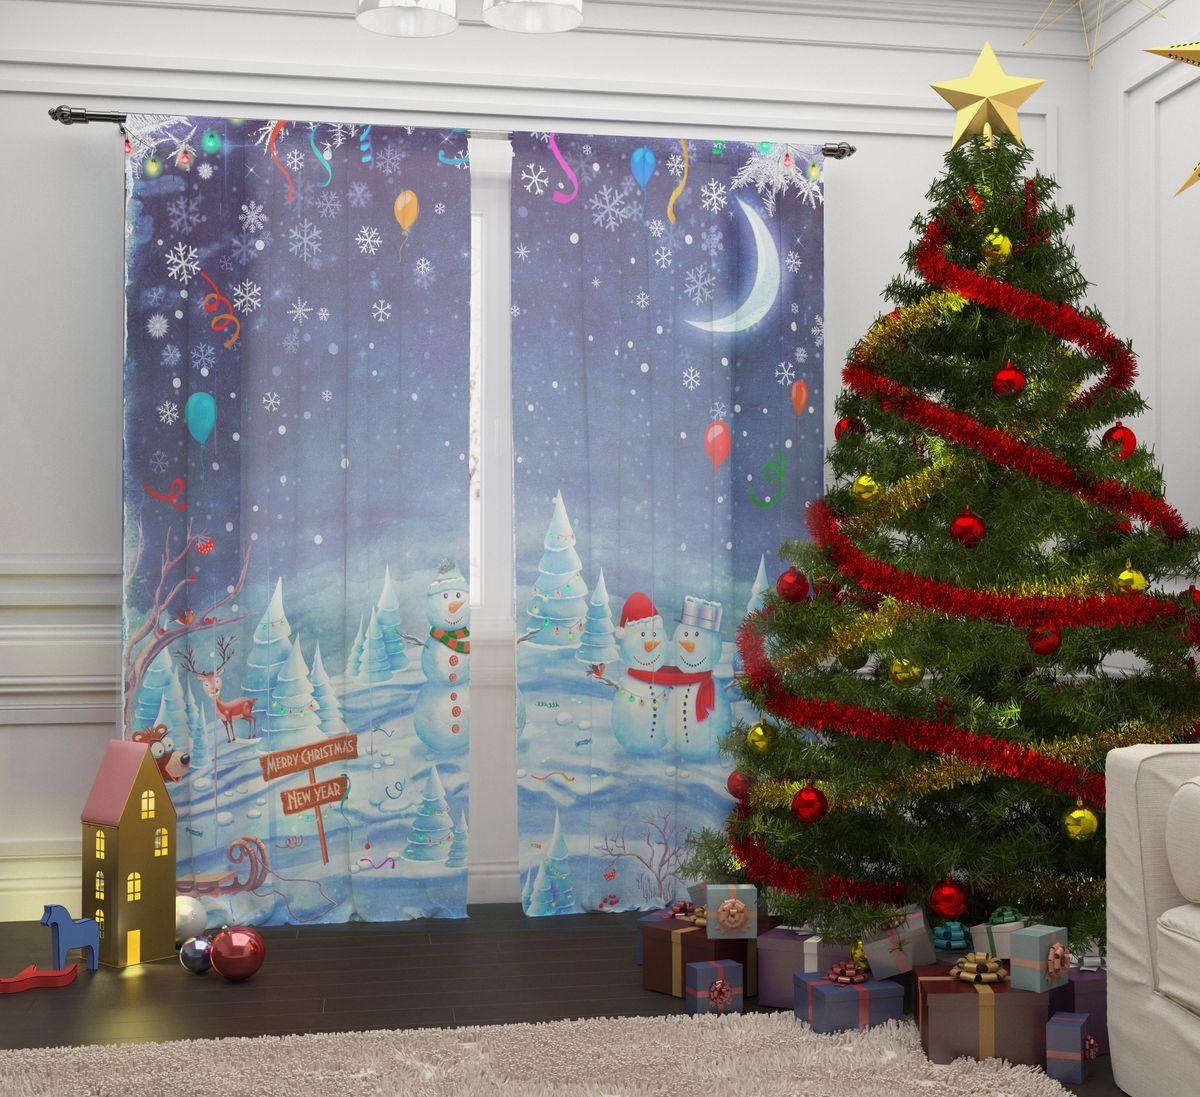 Фототюль Сирень Встреча Рождества, на ленте, высота 260 см фотошторы встреча рождества сирень